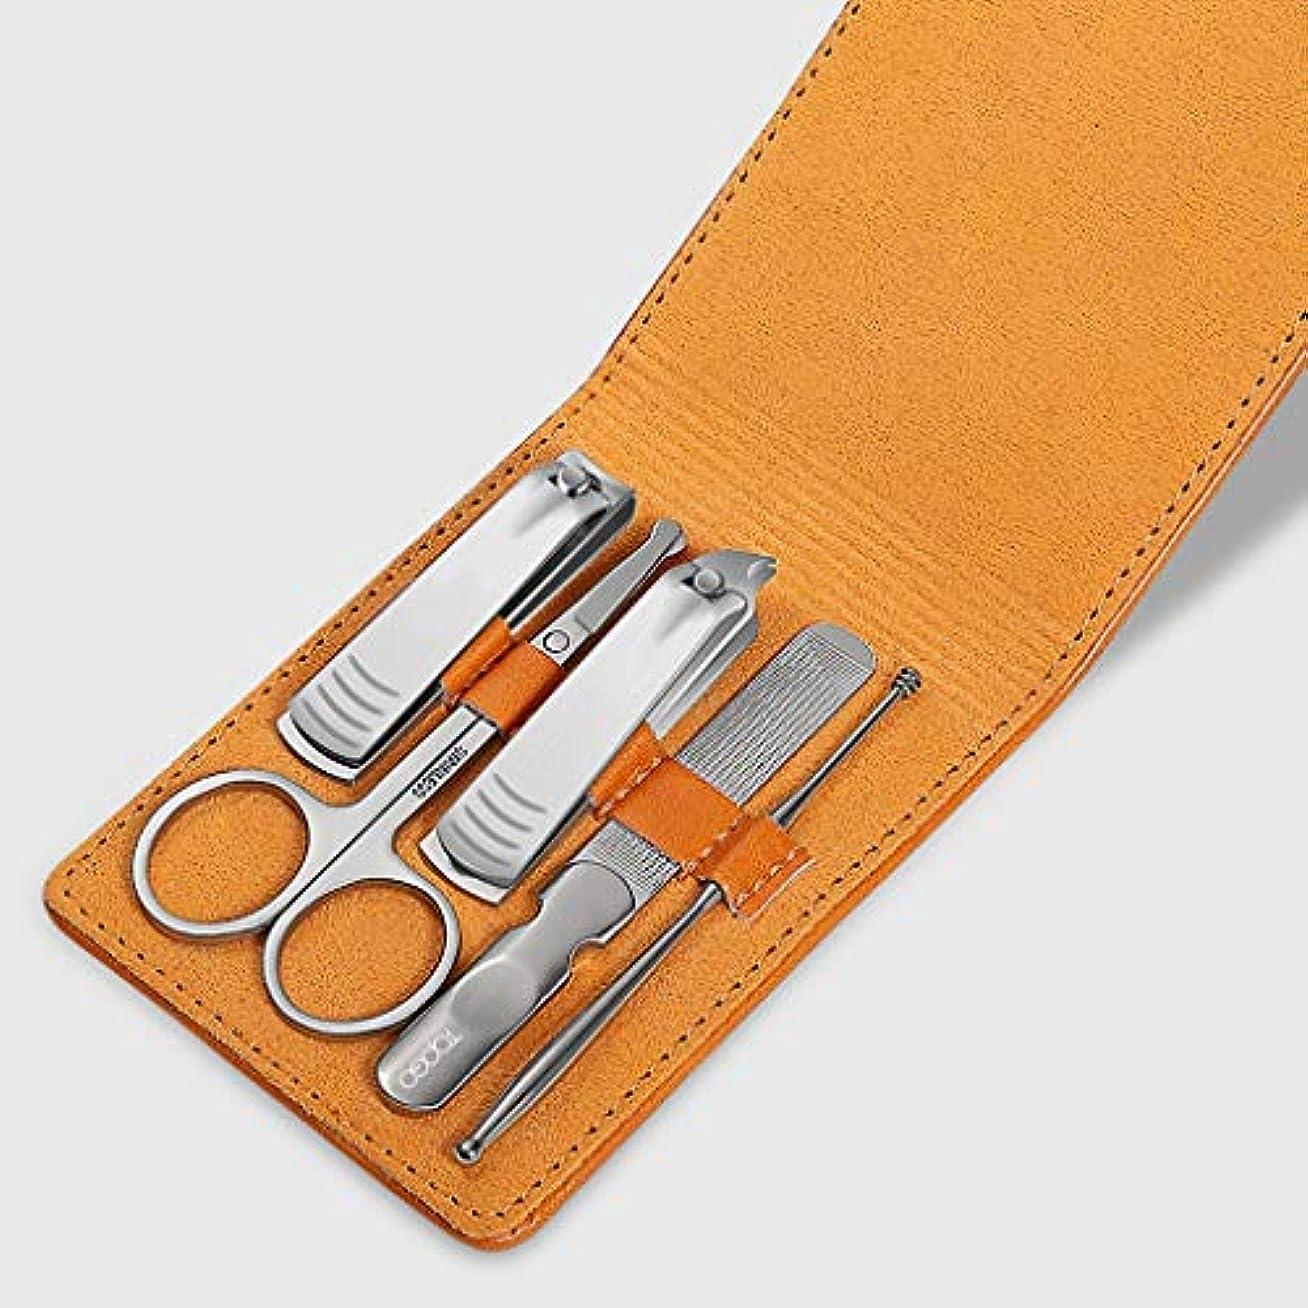 小学生フェンス密5のマニキュアセット、ステンレス鋼の爪切り、大人の手入れの行き届いた爪、マニキュア、パーソナルケア、小さくて便利、出張に使用することができます。,Silver